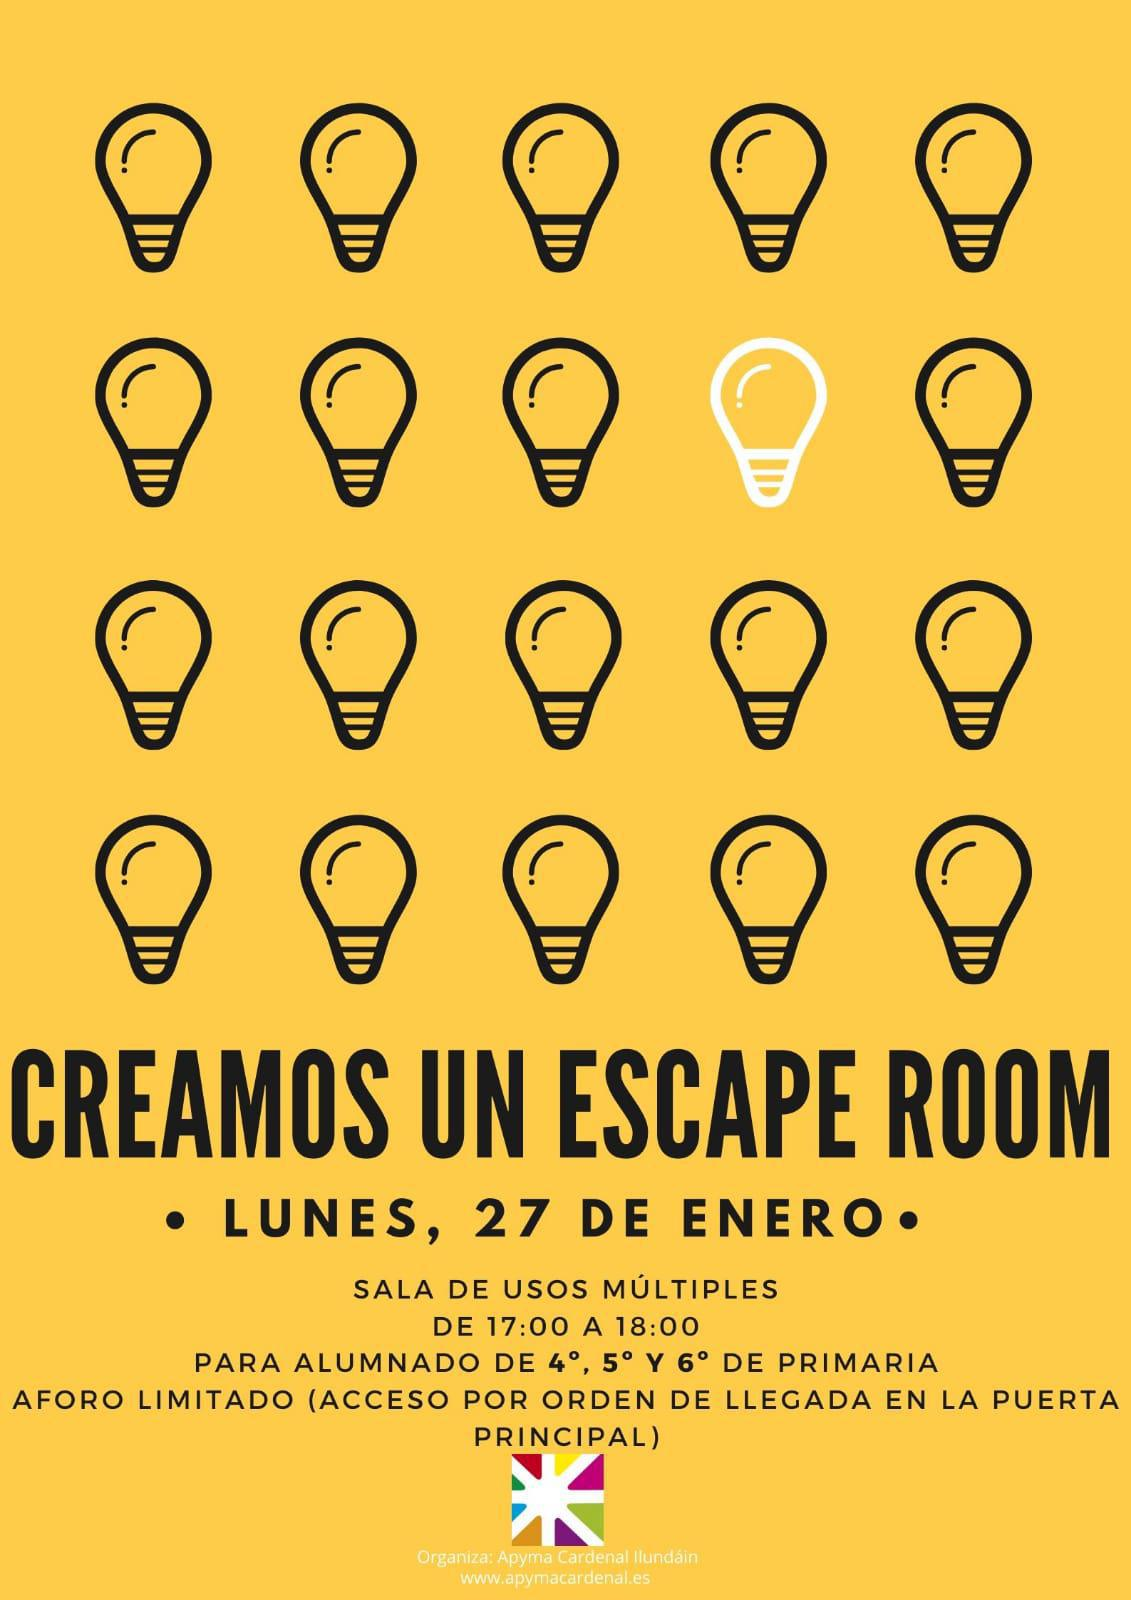 Creamos un Escape Room